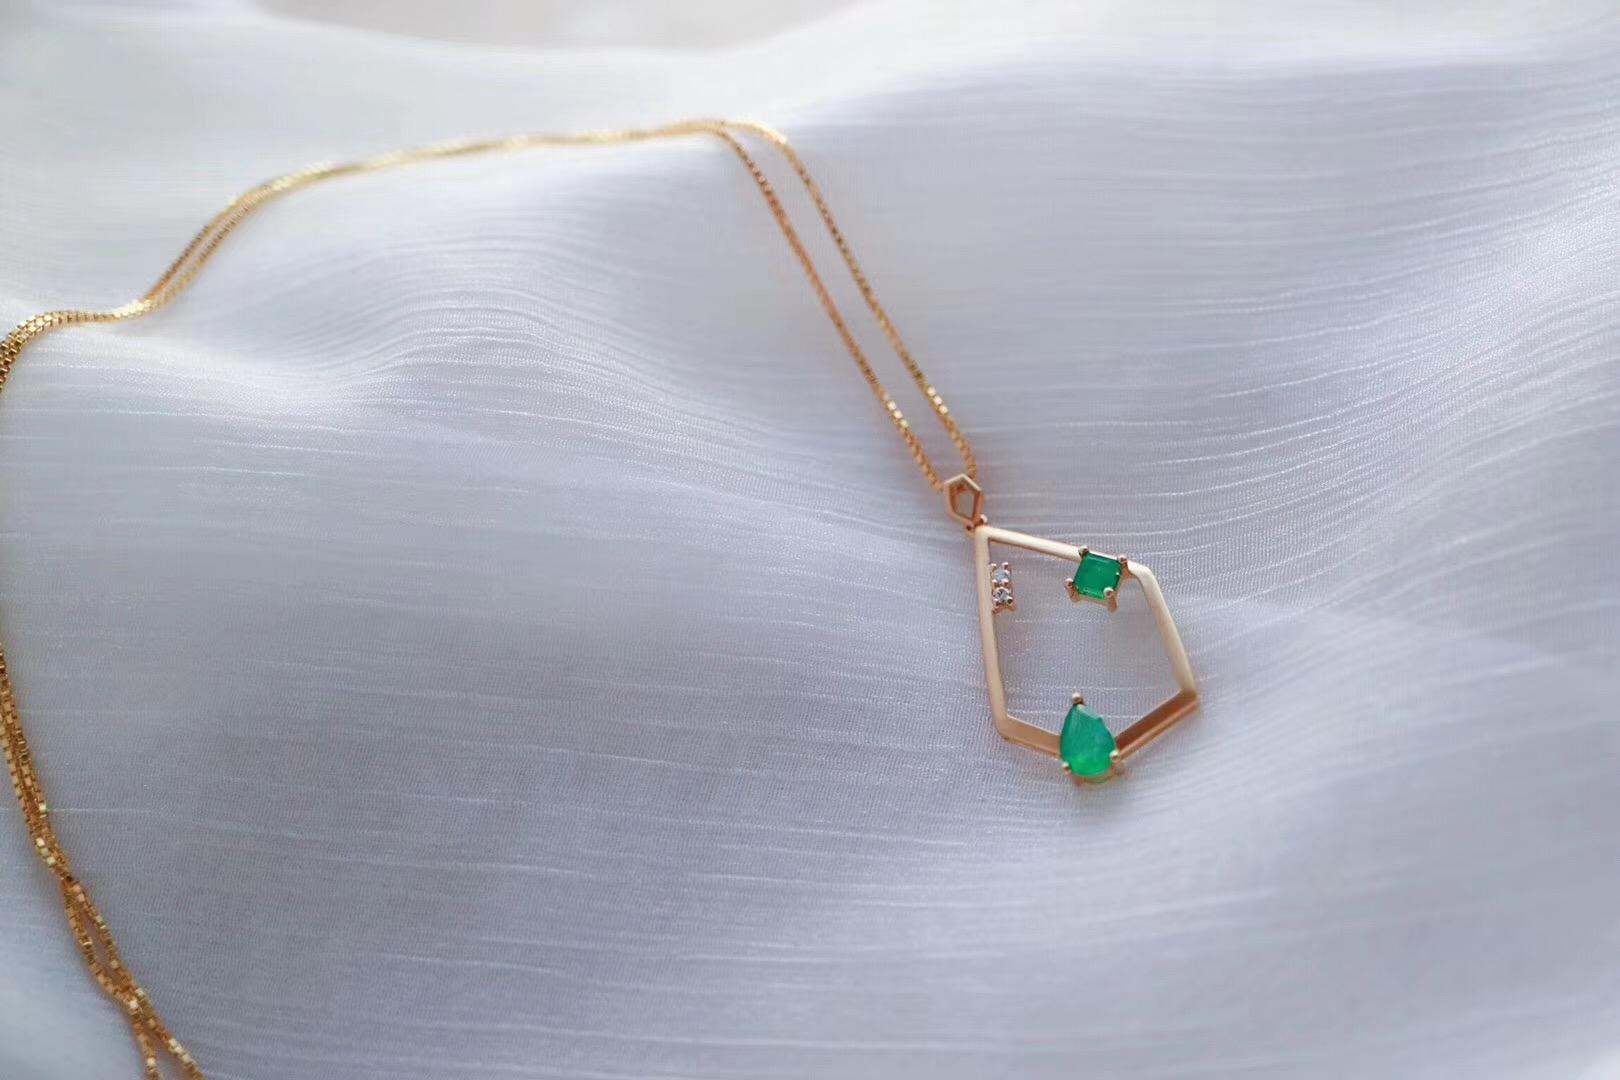 【祖母绿几何坠】最拽的角度佩戴出最完美的效果-菩心晶舍